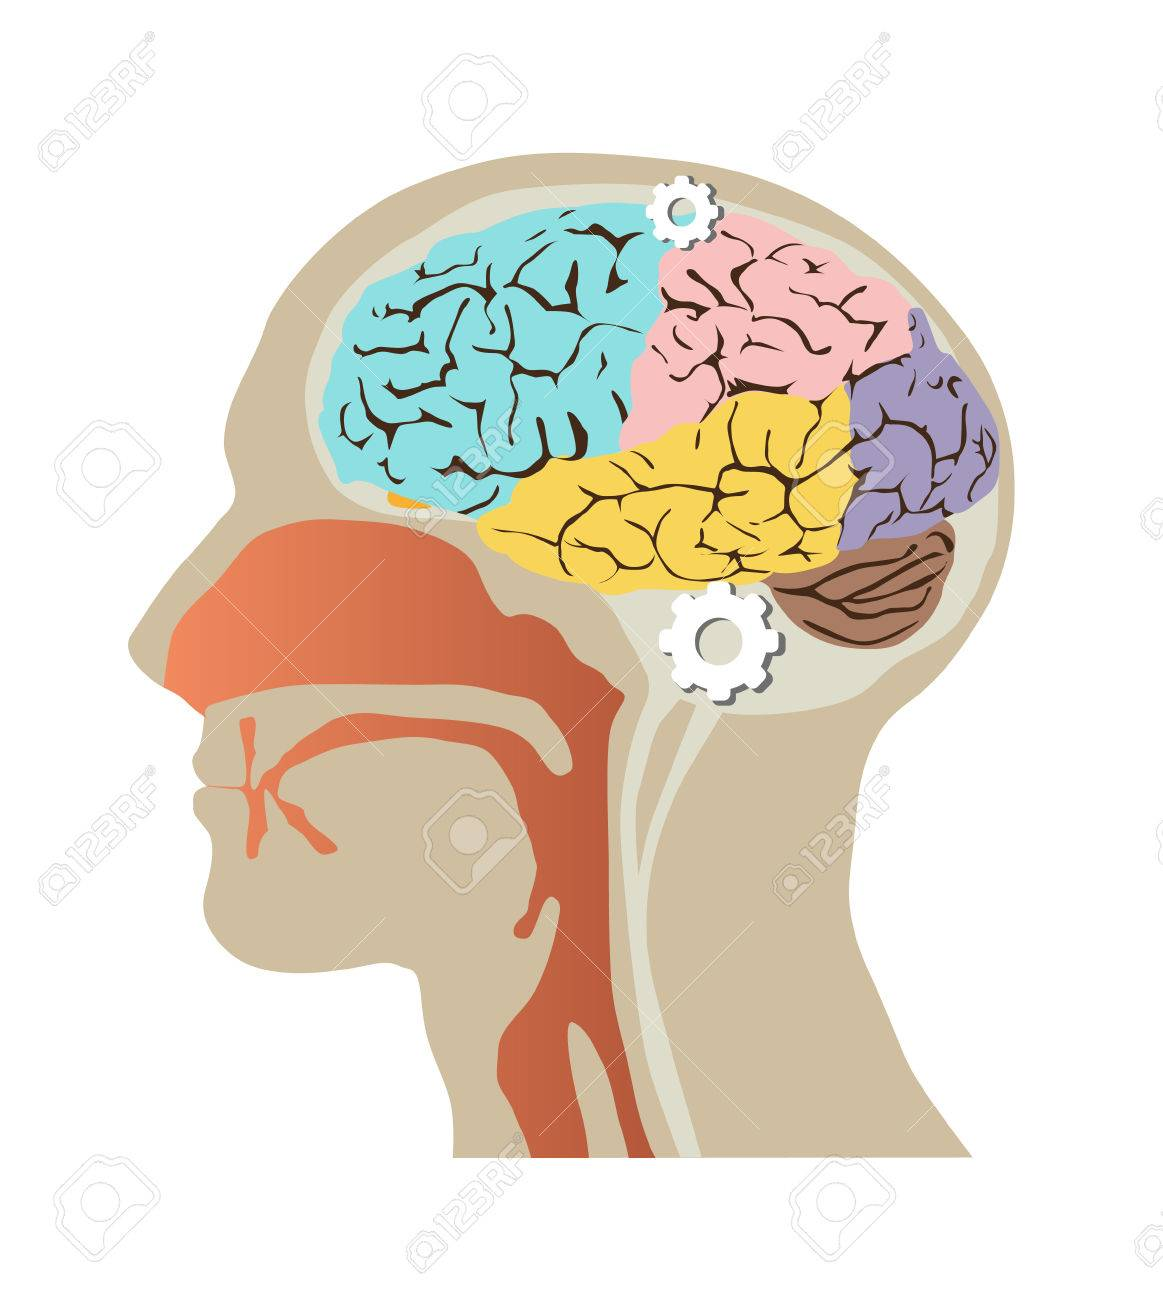 Imágenes De La Cabeza Humana Dentro Del Cráneo Y El Cerebro ...